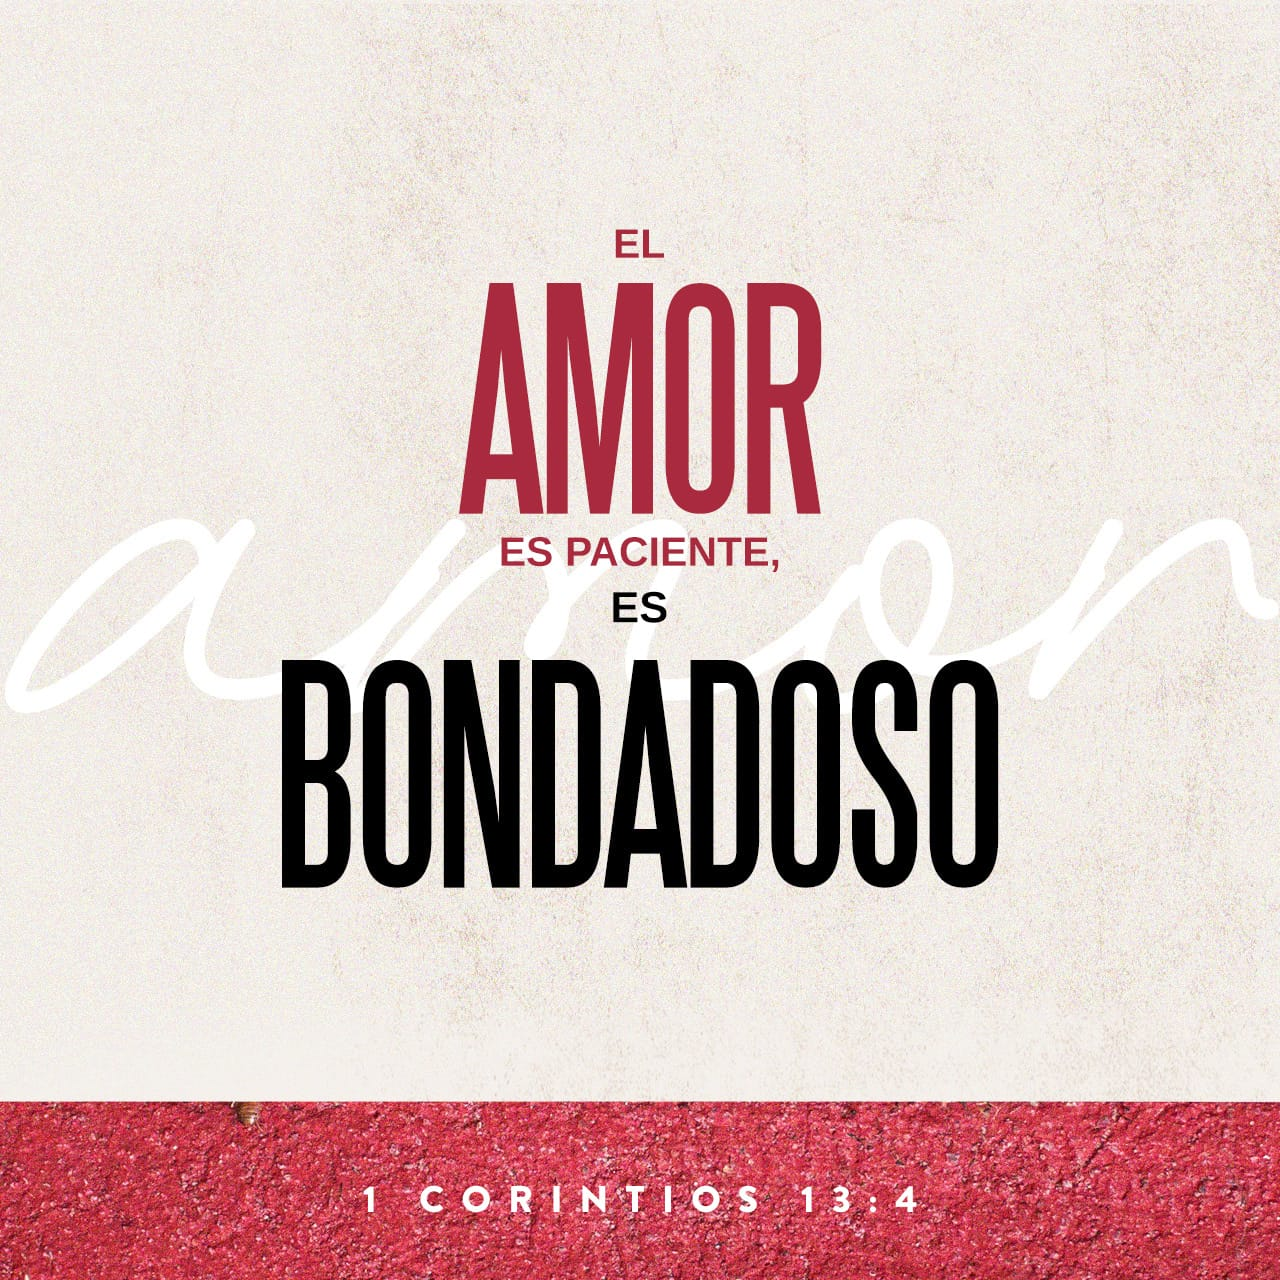 El amor es paciente, es bondadoso. 1Co.13:4 - Imágen de Versículo